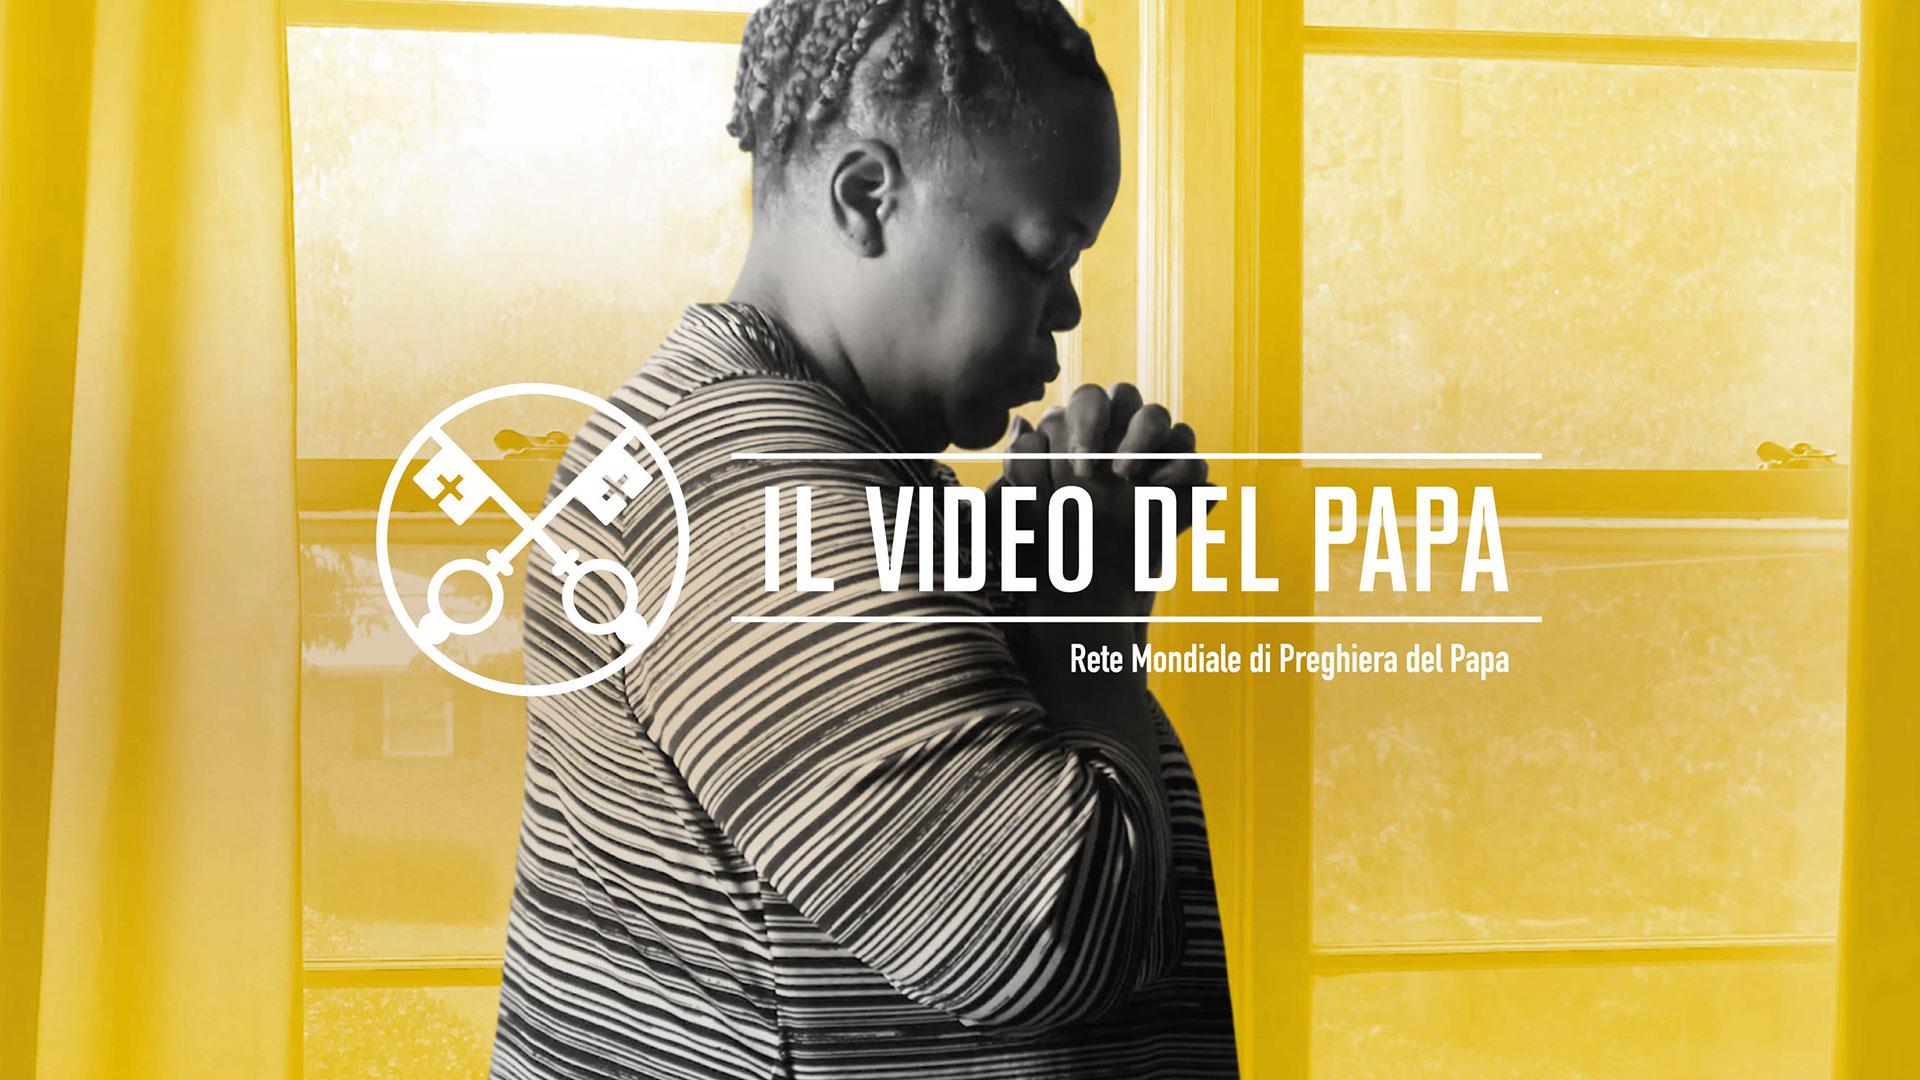 Per una vita di preghiera – Il Video del Papa